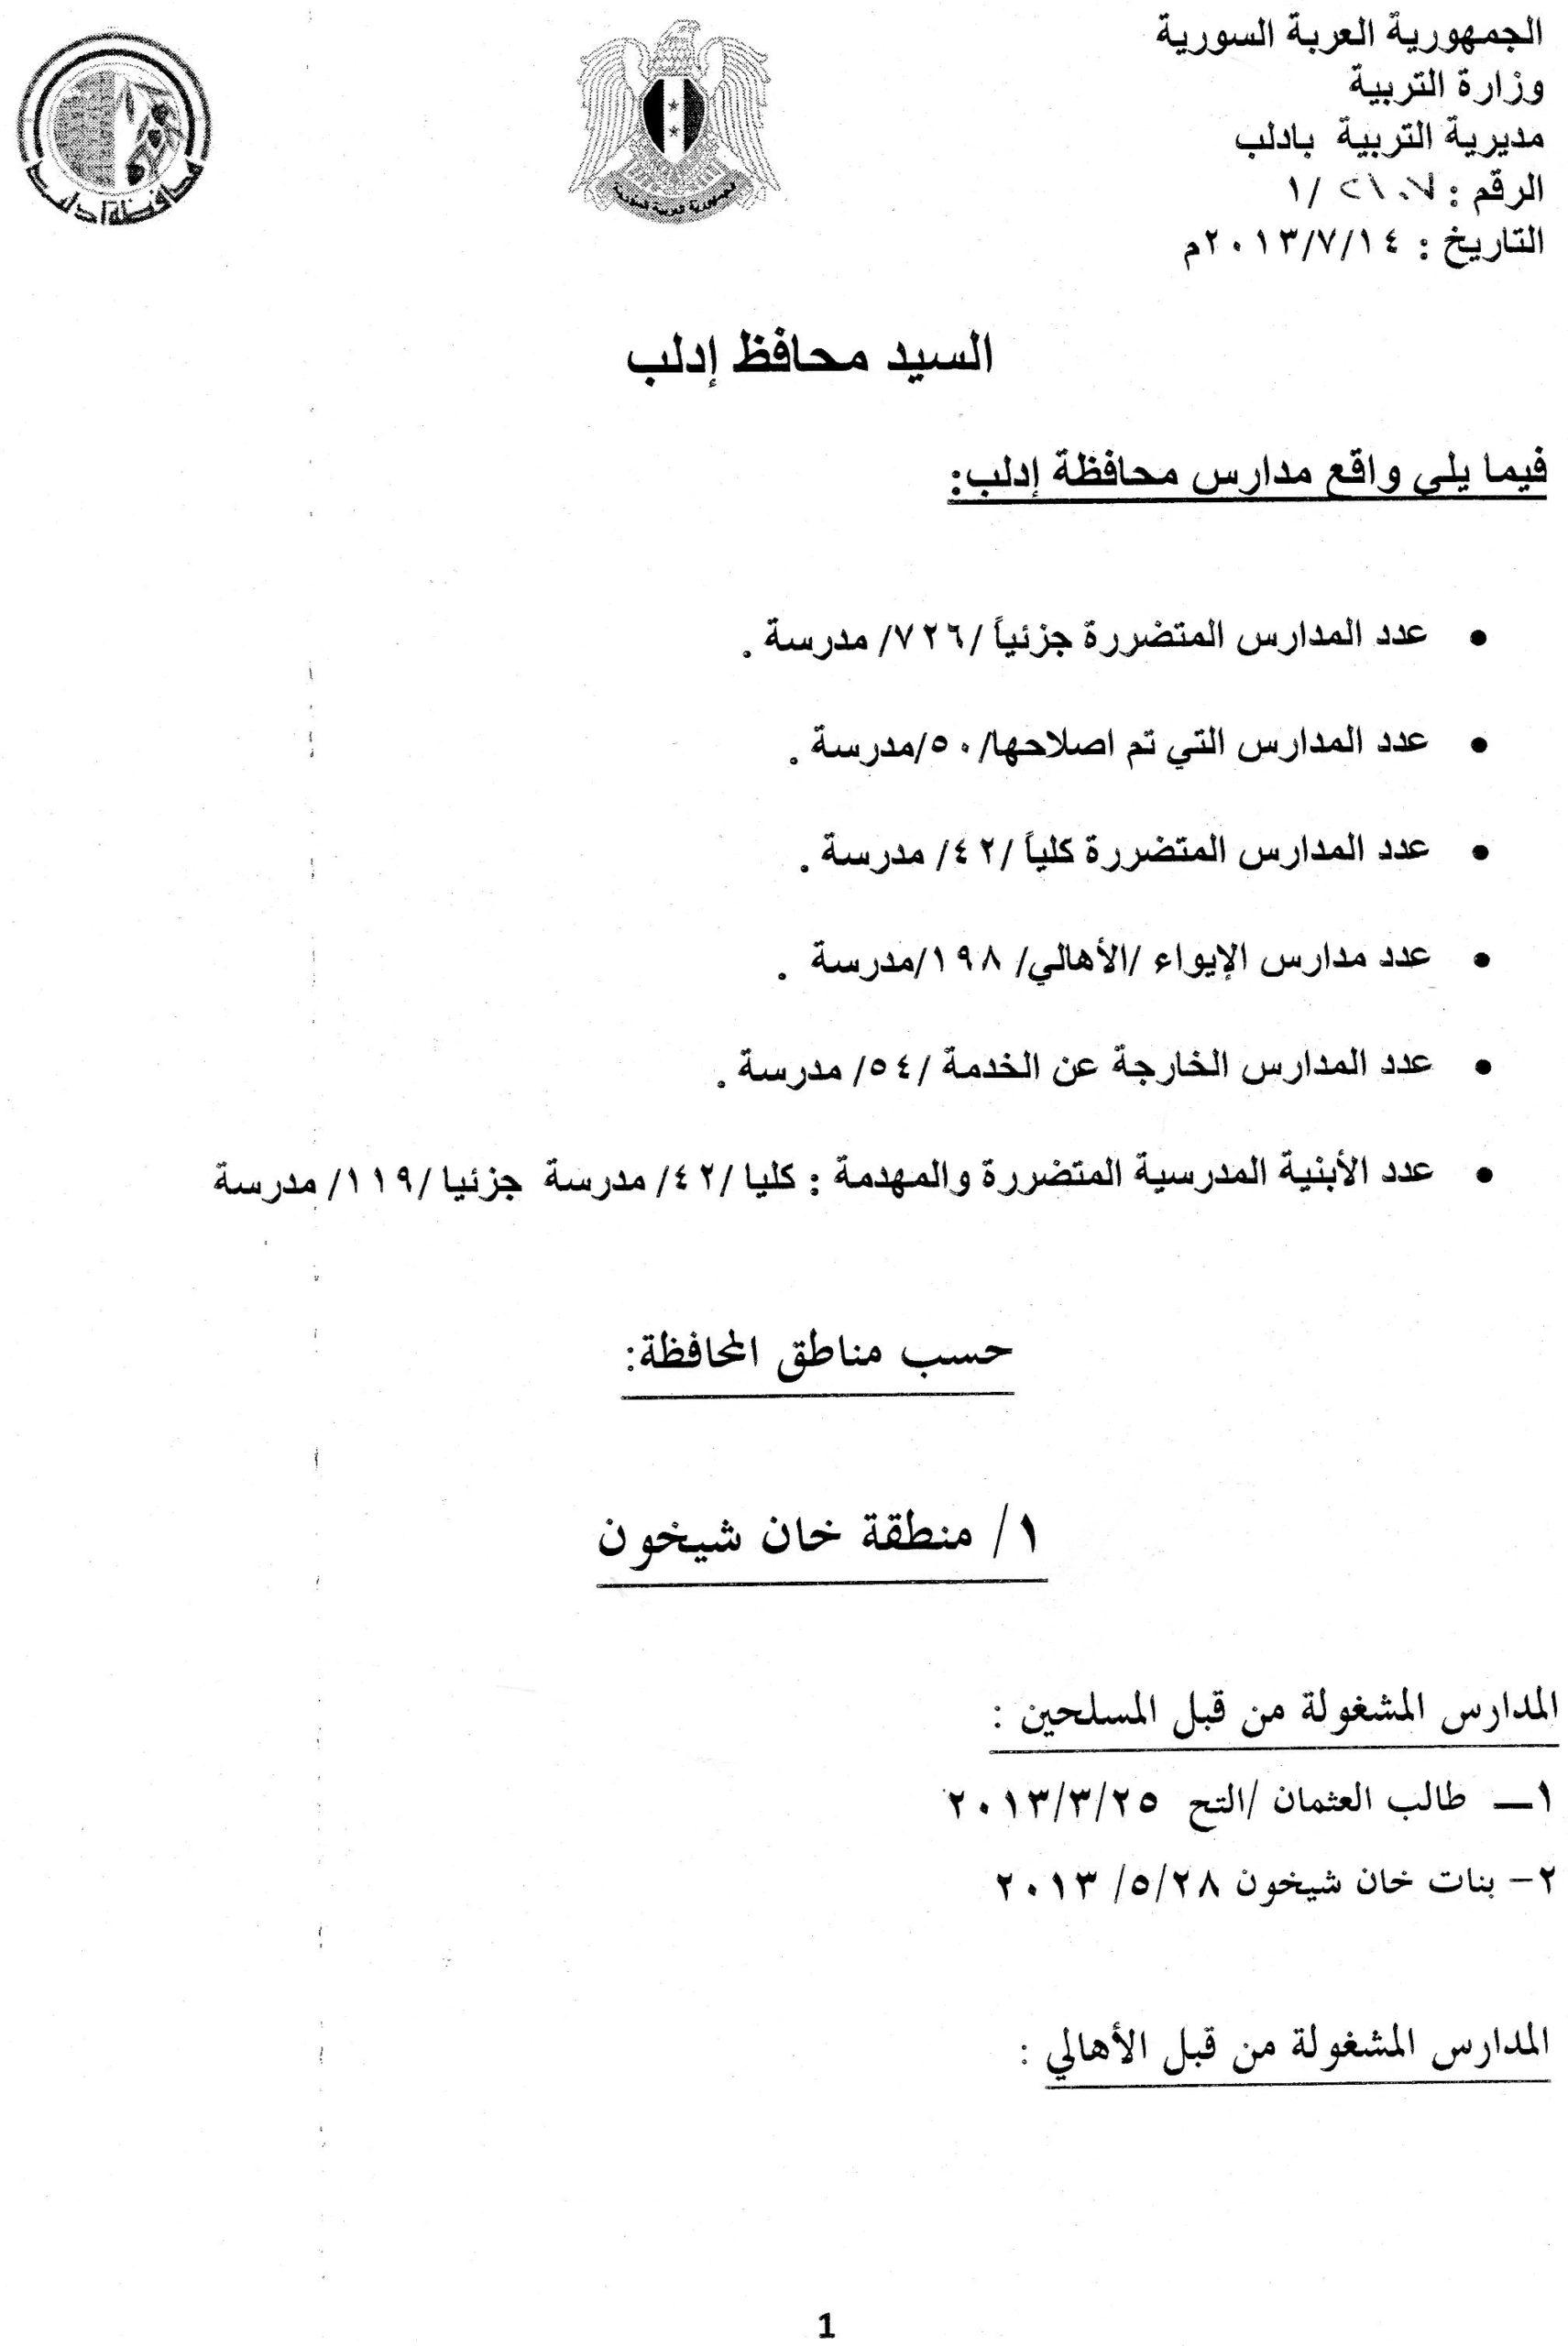 """الوثائق التي نشرها """"المركز السوري للعدالة والمساءلة"""" والتي تبرهن على وجود مدارس متضررة في سوريا"""